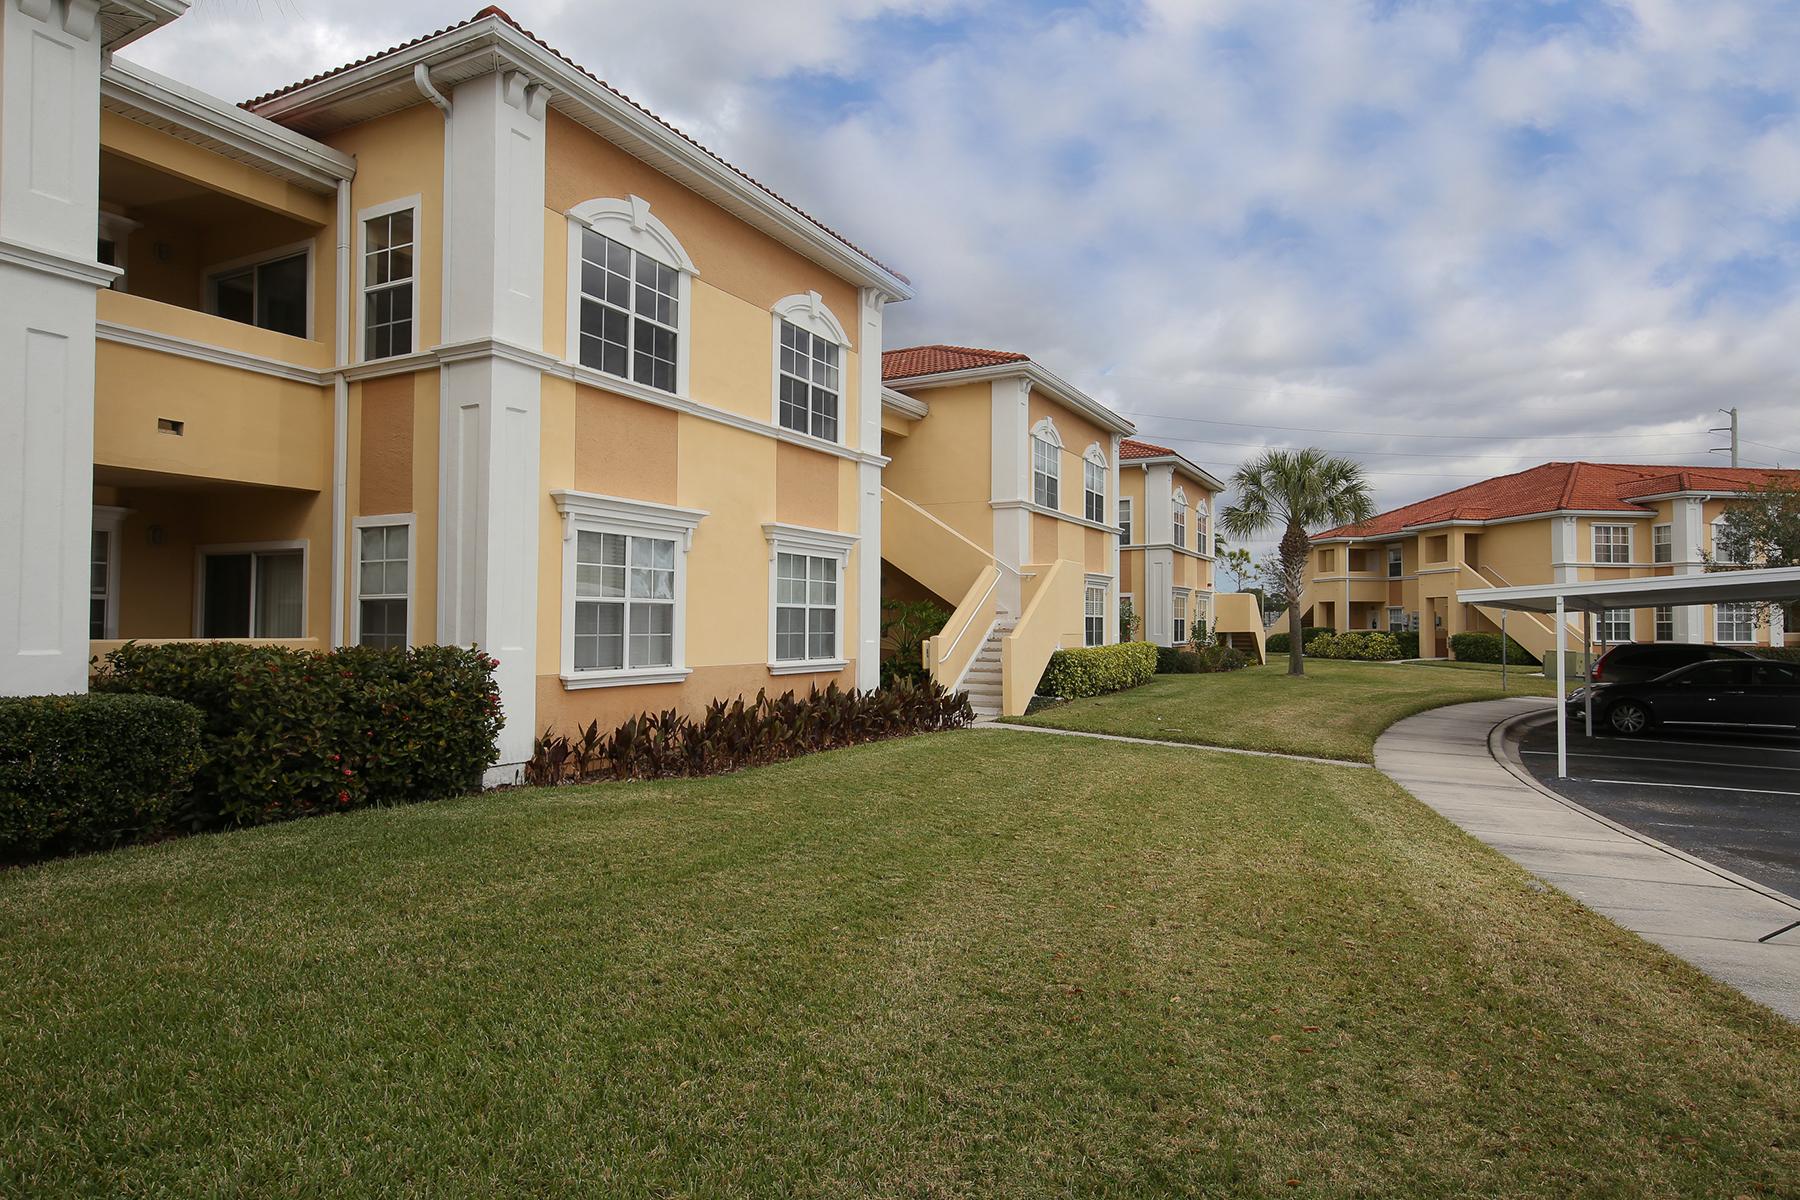 Eigentumswohnung für Verkauf beim SARASOTA 1185 Villagio Cir 103 Sarasota, Florida, 34237 Vereinigte Staaten